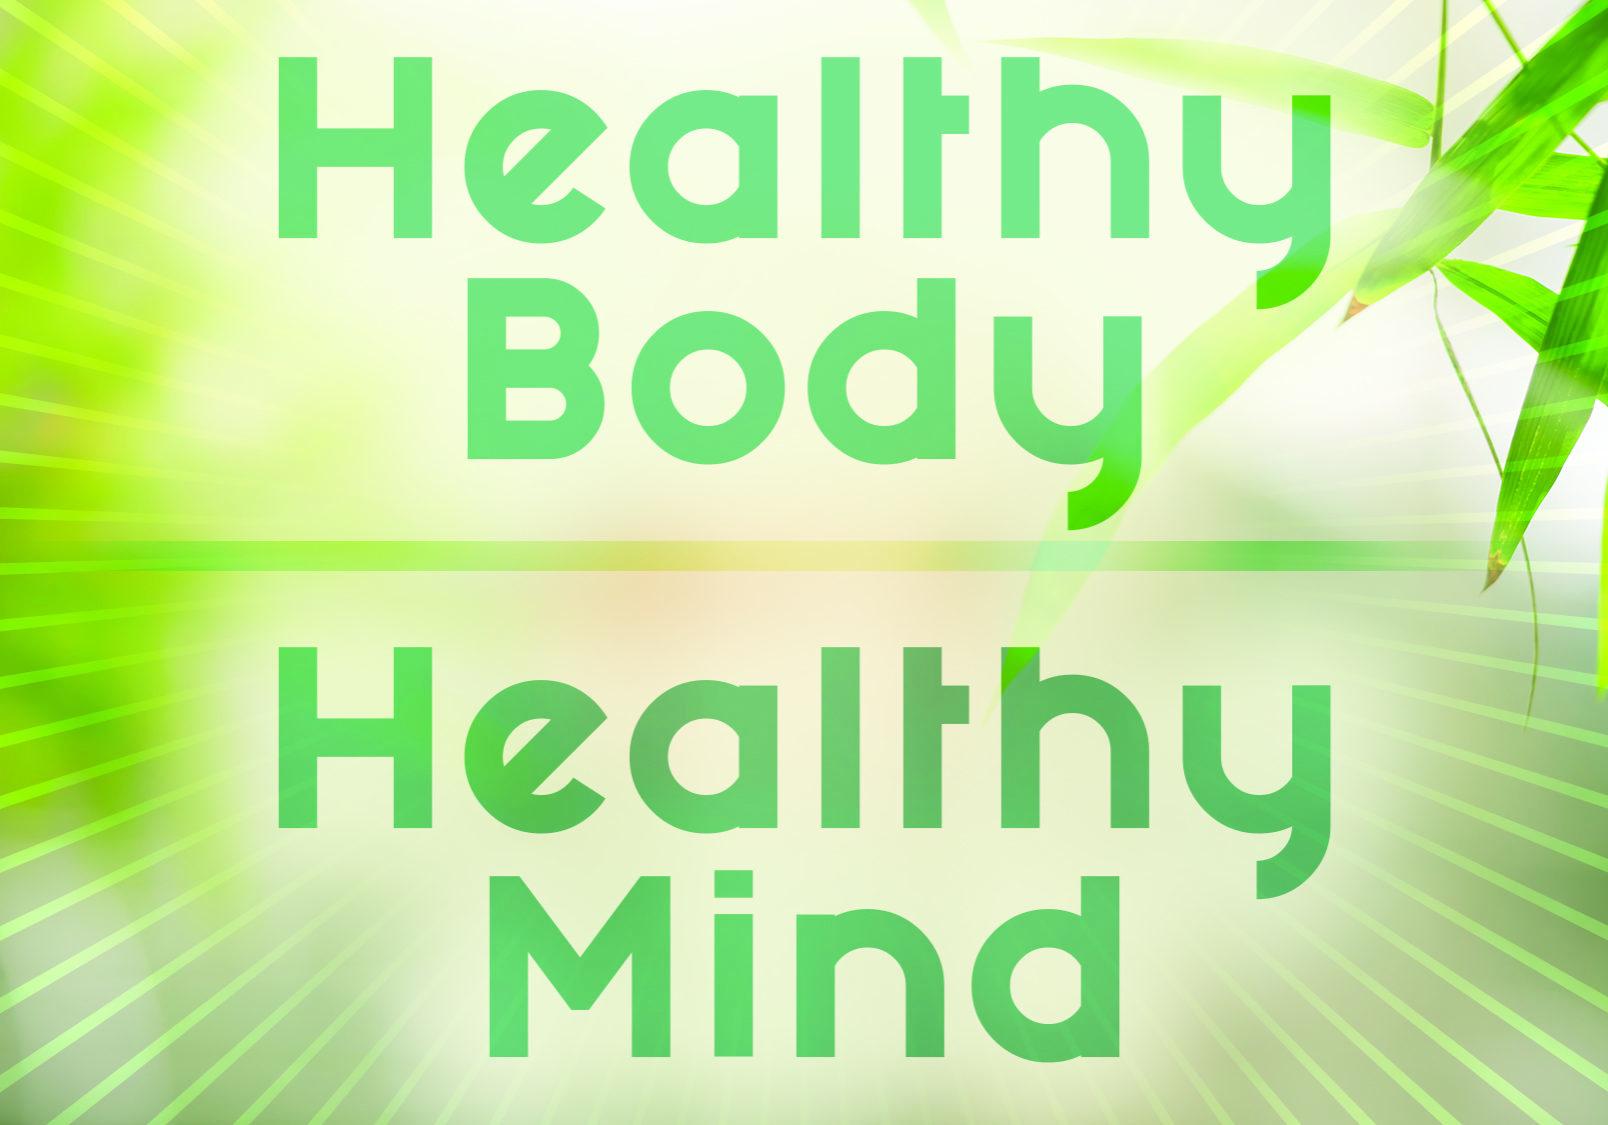 HealthyBody 1 20q2 4c